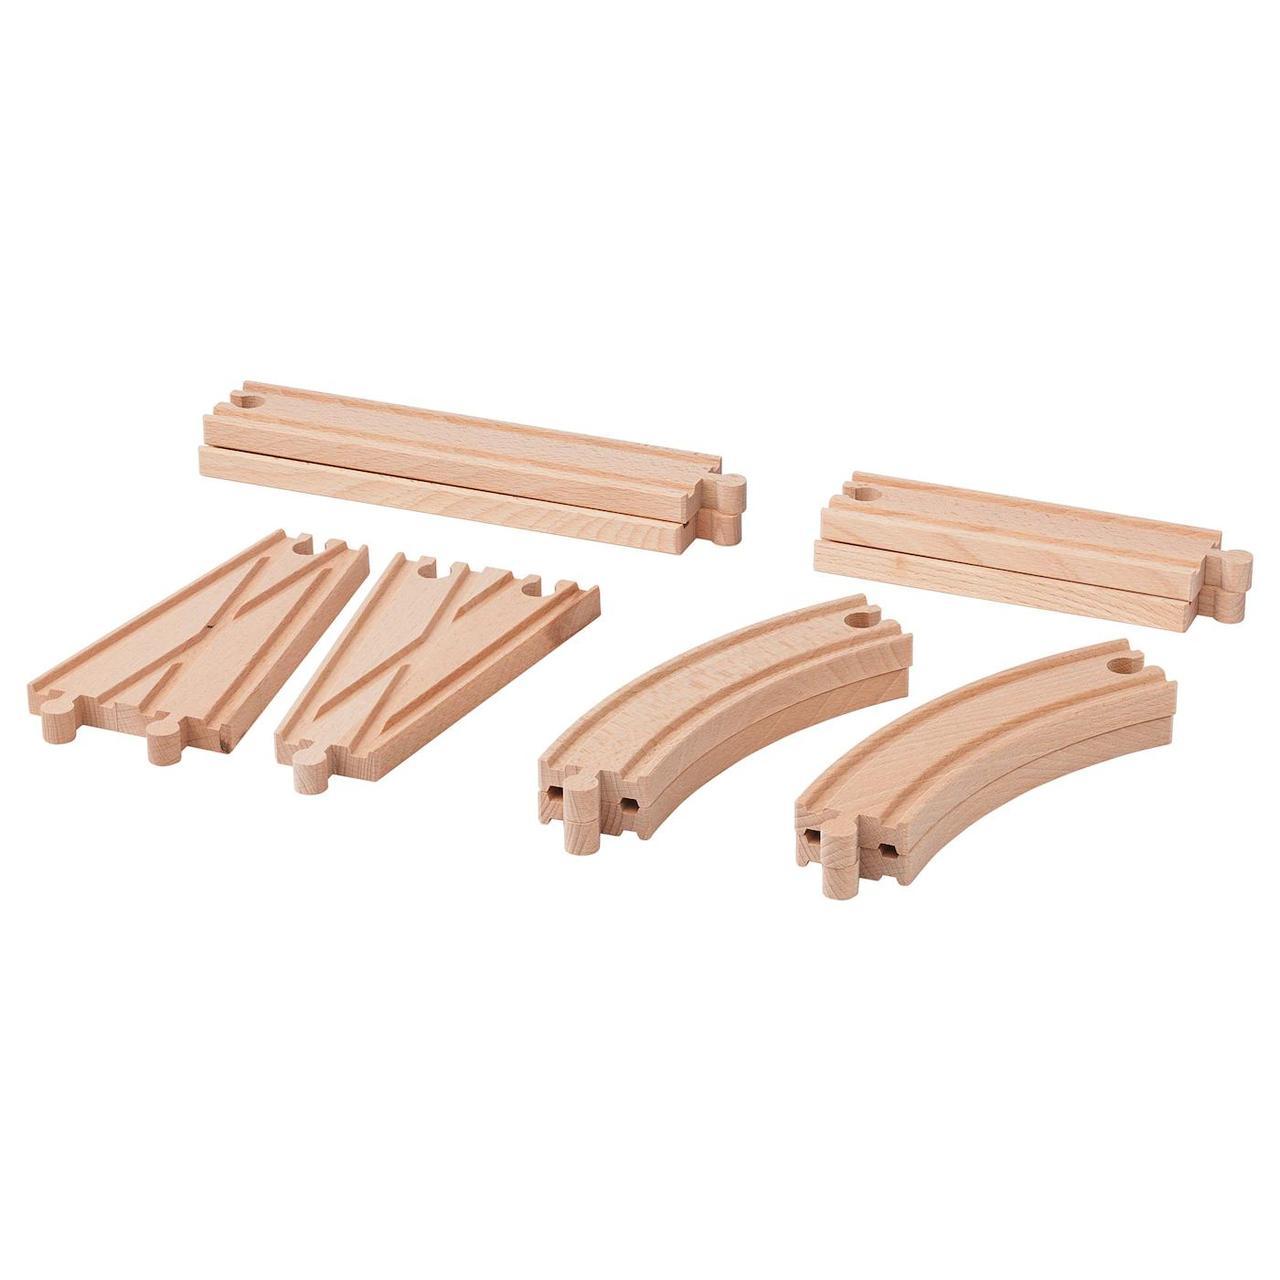 Железная дорога IKEA Lillabo дополнительные элементы 10 шт с дерева Польша